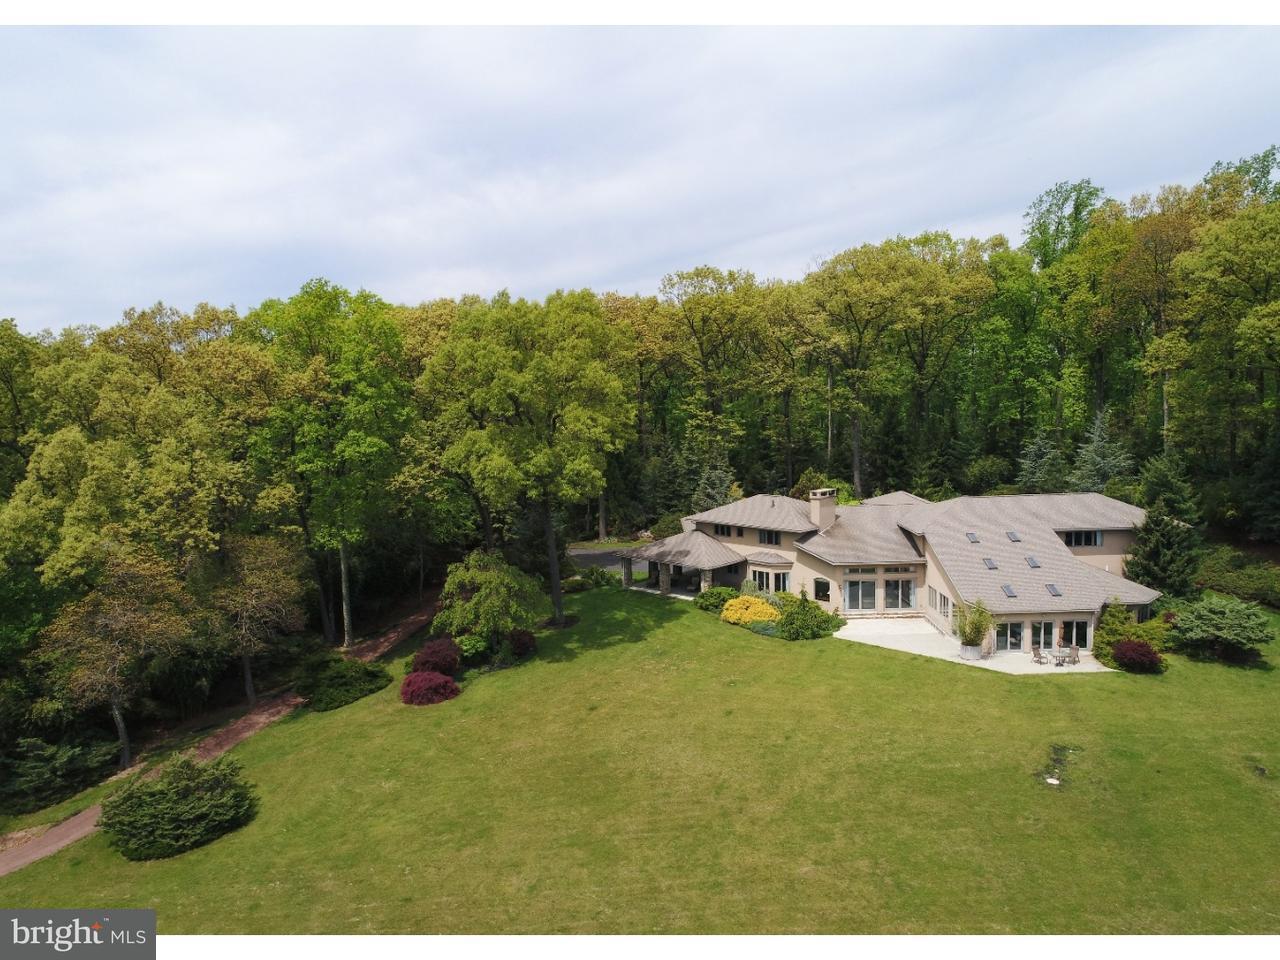 Частный односемейный дом для того Продажа на 2080 SPRINGTOWN HILL Road Hellertown, Пенсильвания 18055 Соединенные Штаты